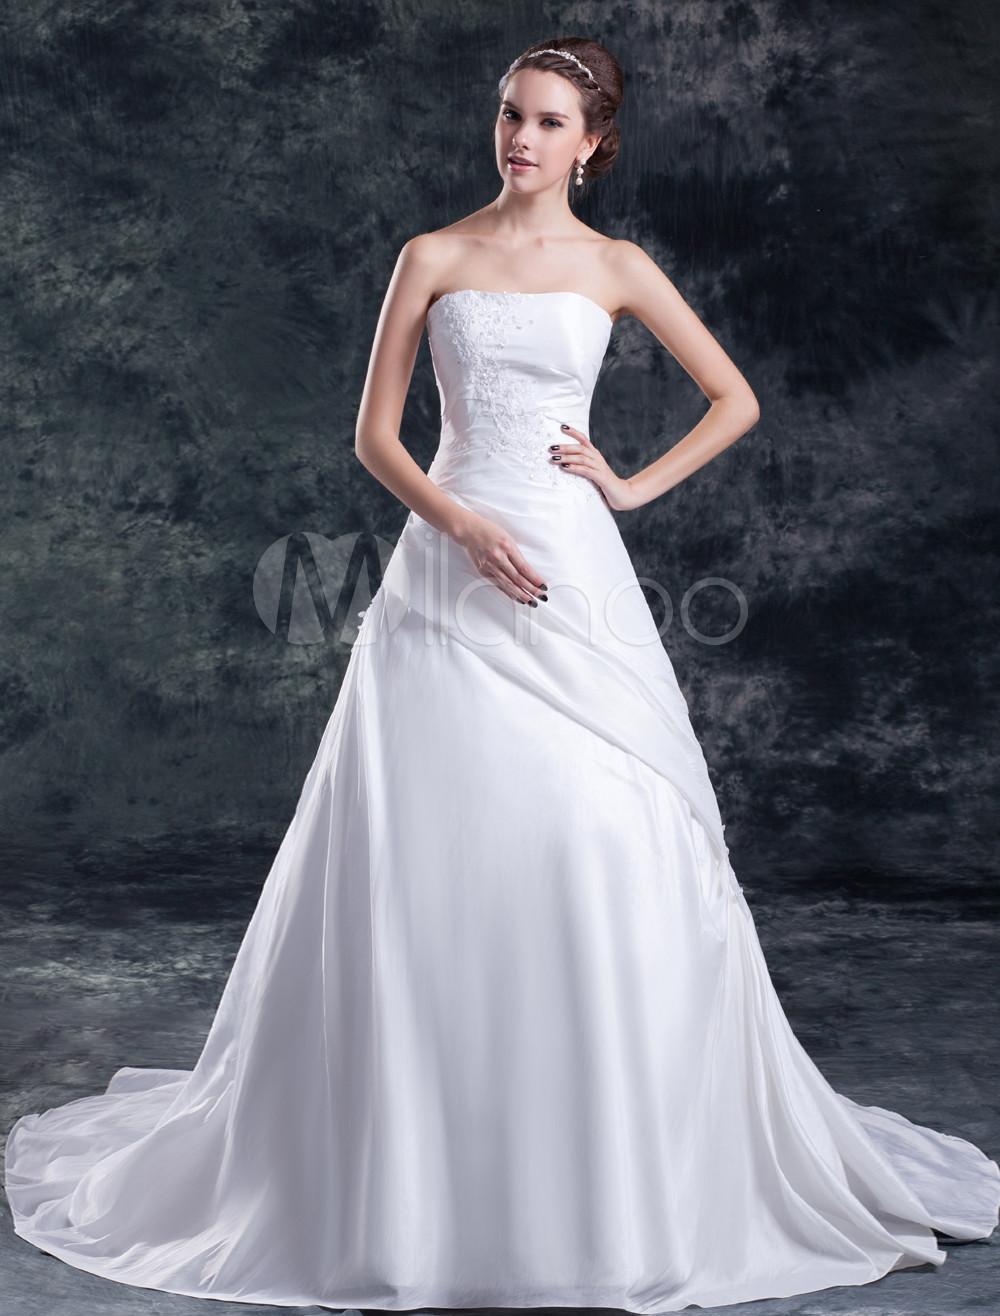 Delux White Ball Gown Beading Taffeta Bridal Wedding Gown